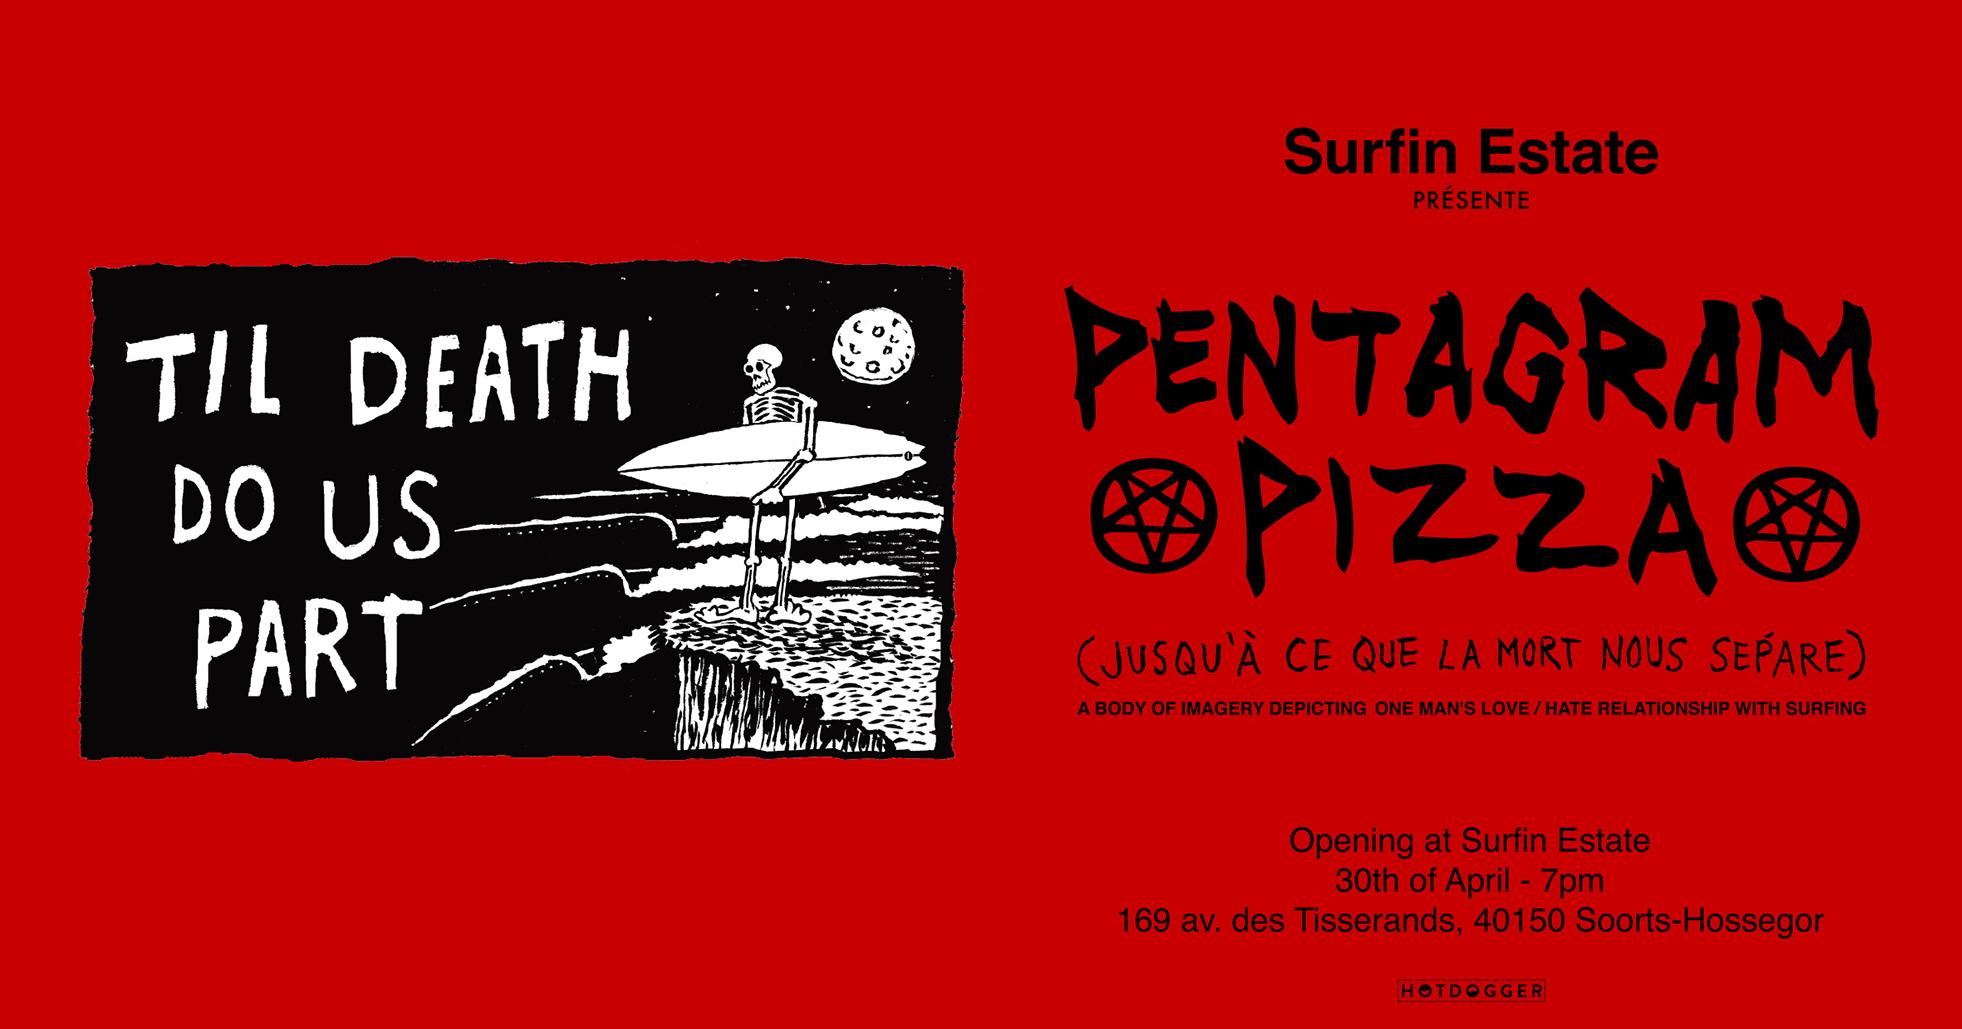 PENTAGRAM-PIZZA-Surfin-Estate-banner.png